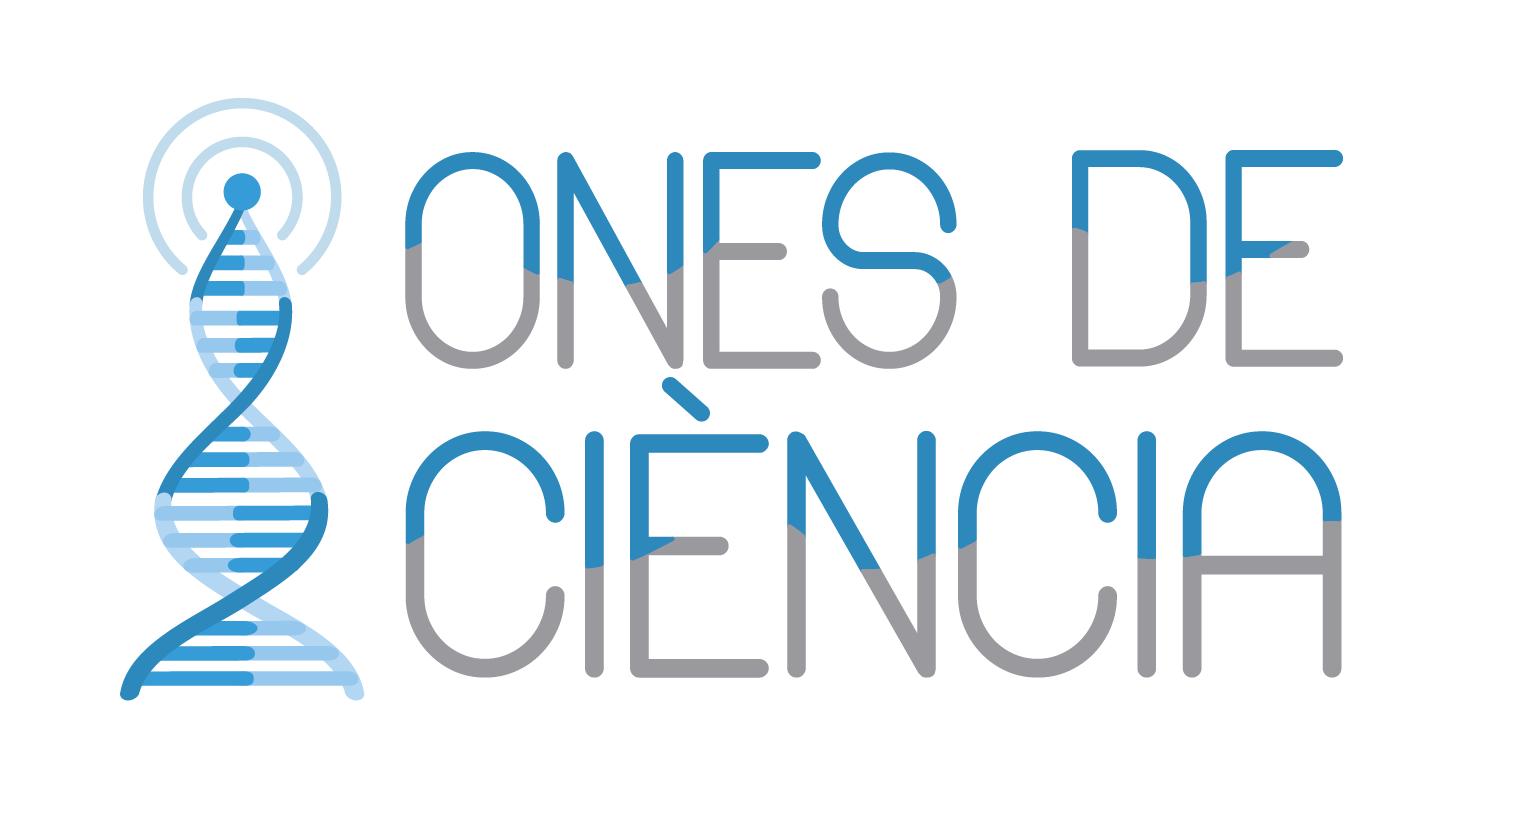 Ones de ciència